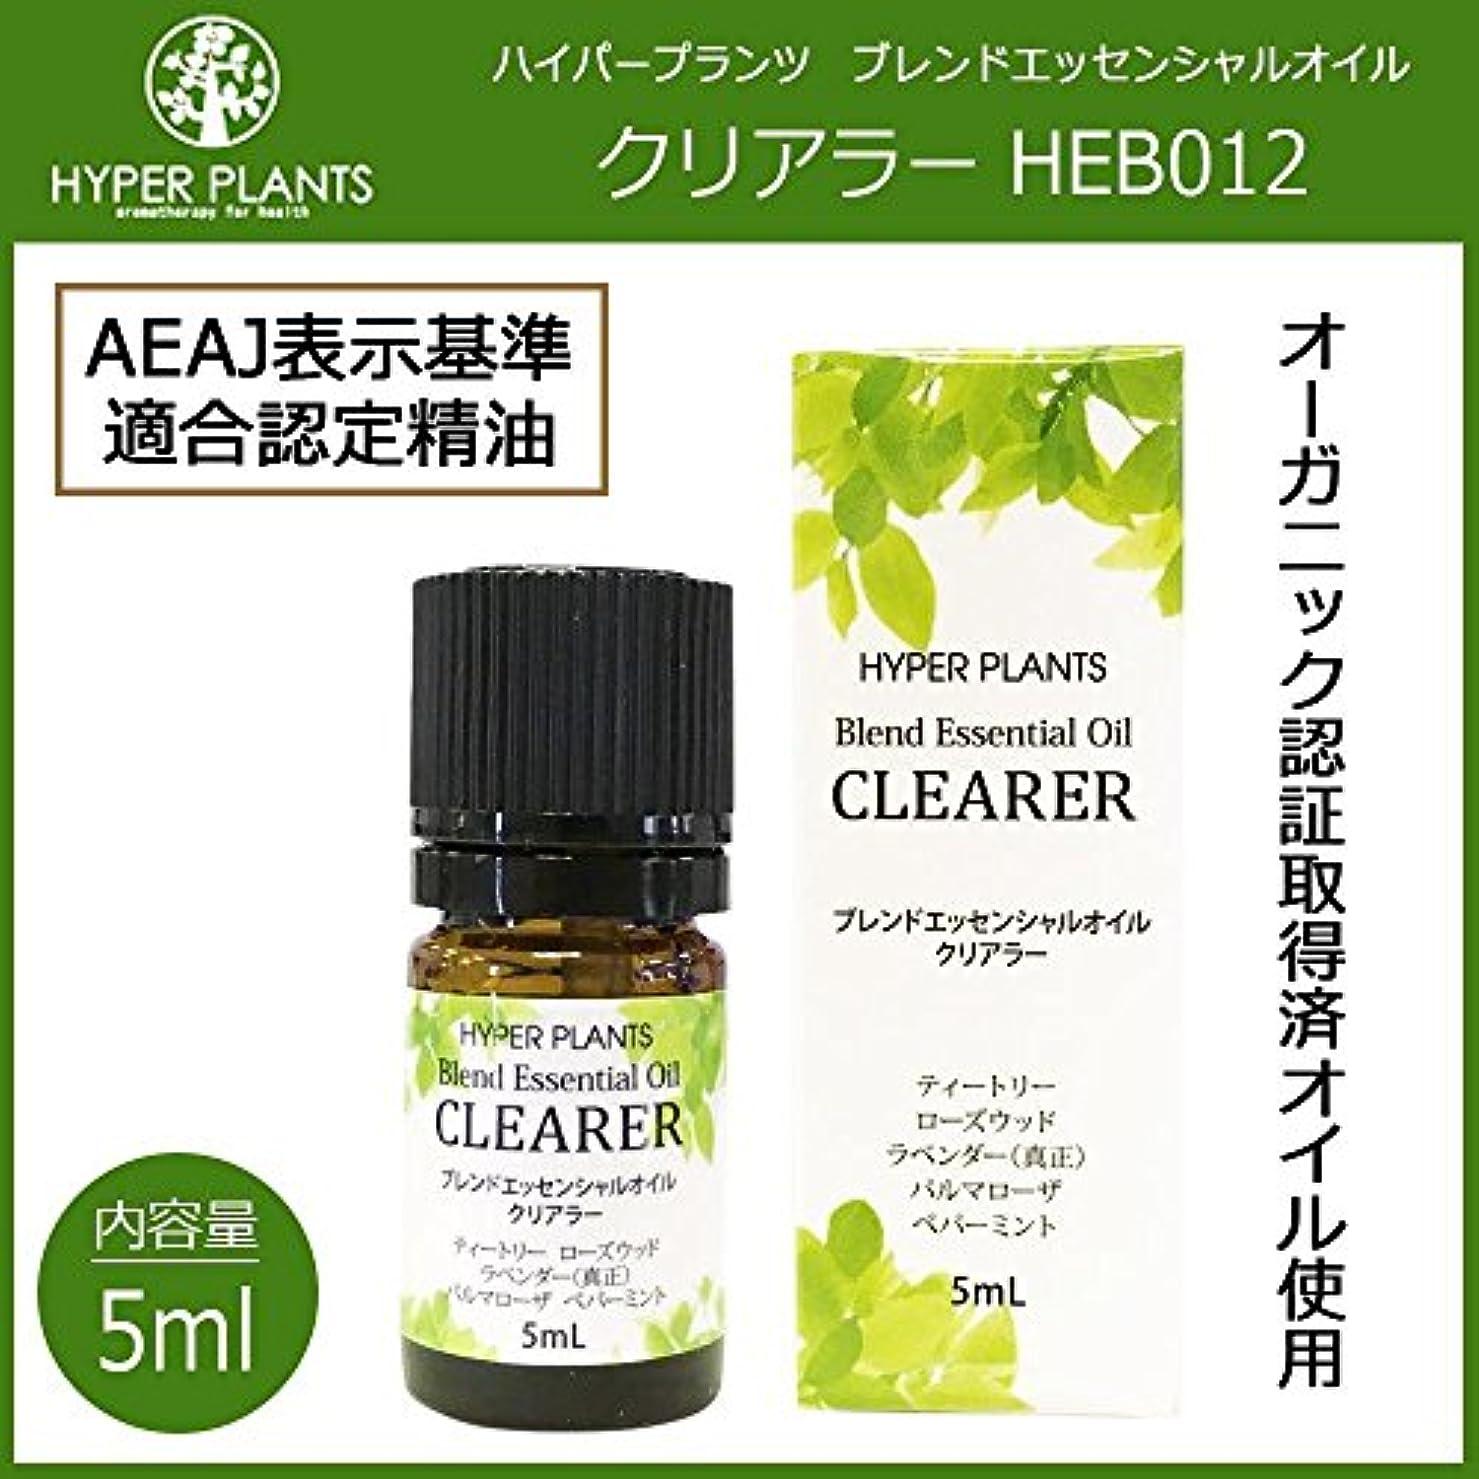 特徴液体サイトHYPER PLANTS ハイパープランツ ブレンドエッセンシャルオイル クリアラー 5ml HEB012